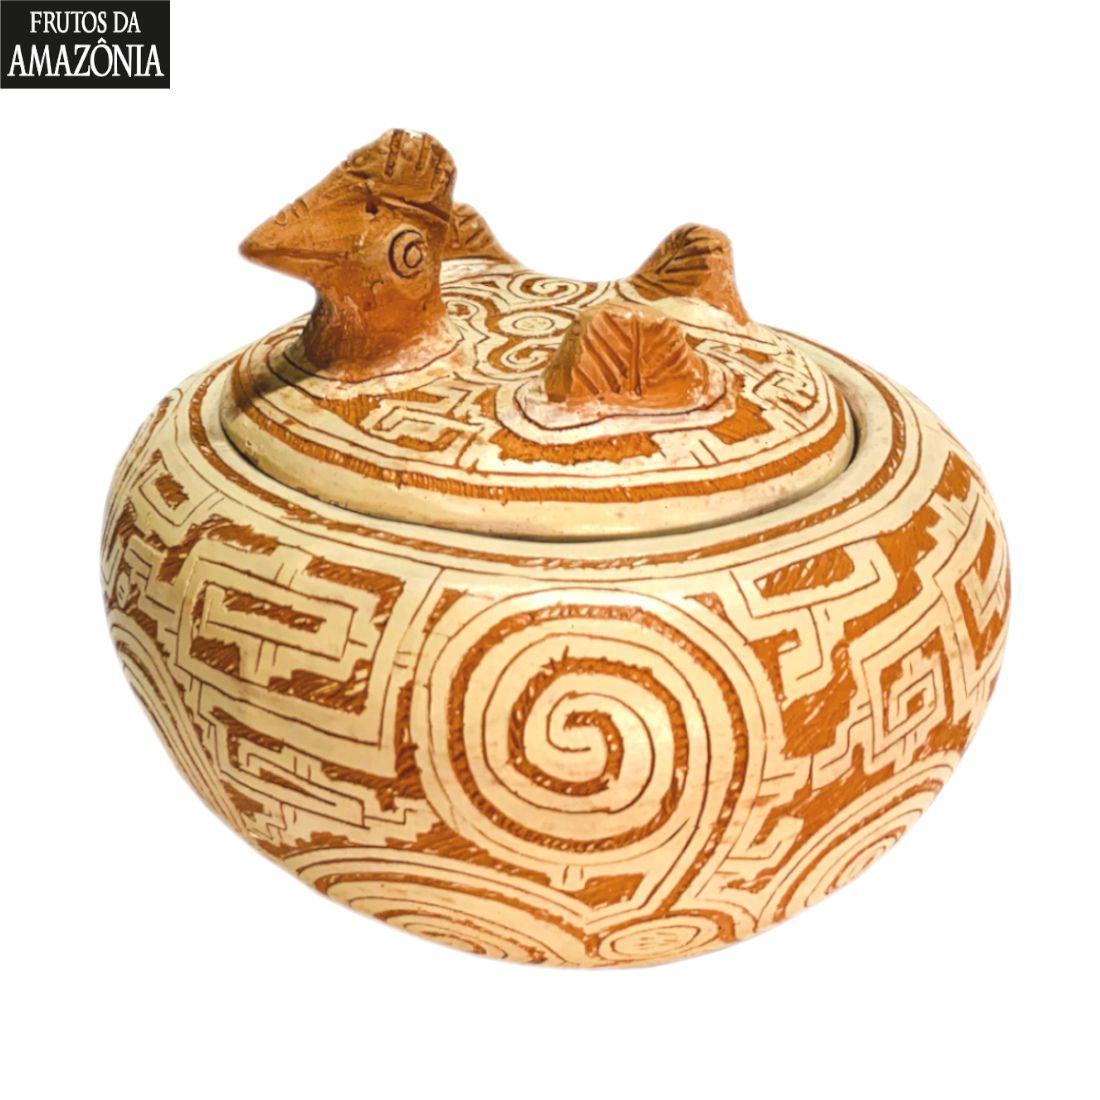 Galinha de cerâmica marajoara com bombons 210g